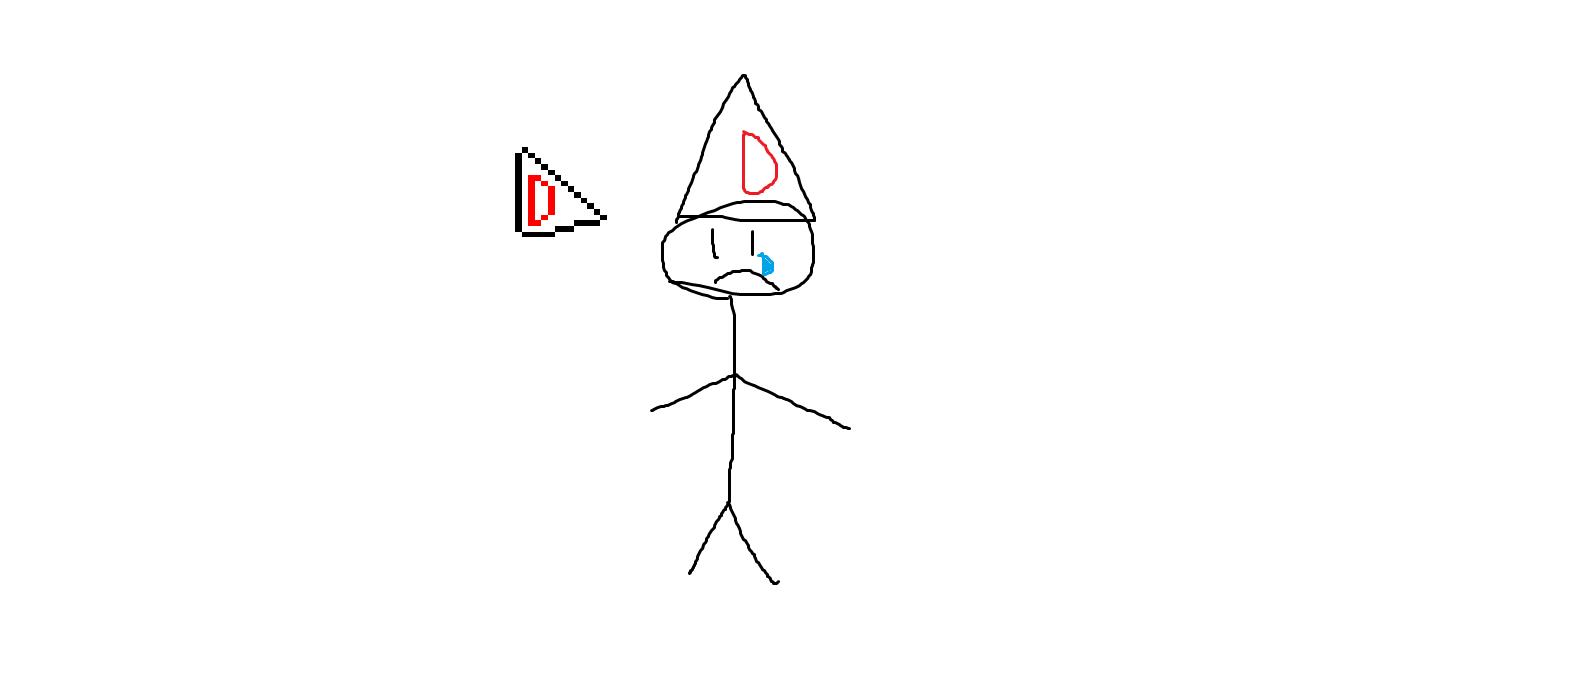 dunce cap2.png